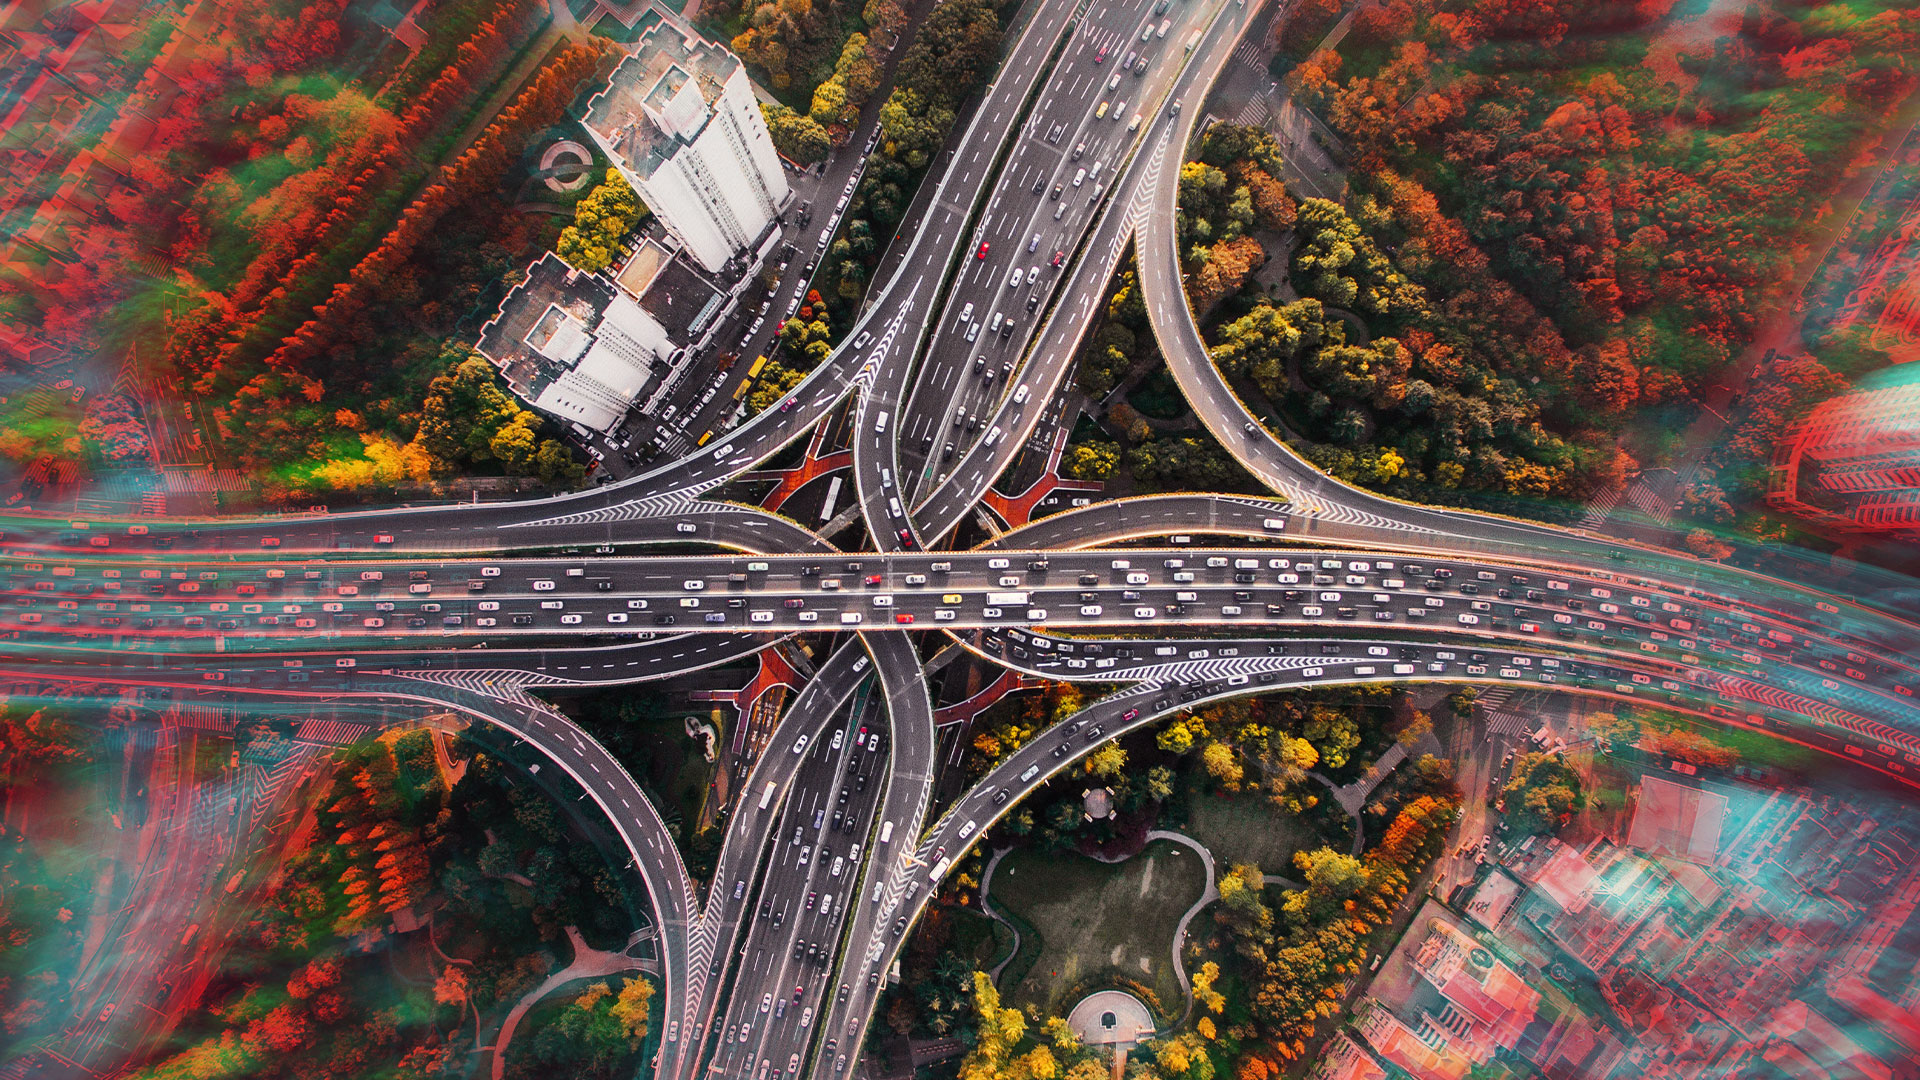 croisement de route avec des voitures au milieu d'une ville